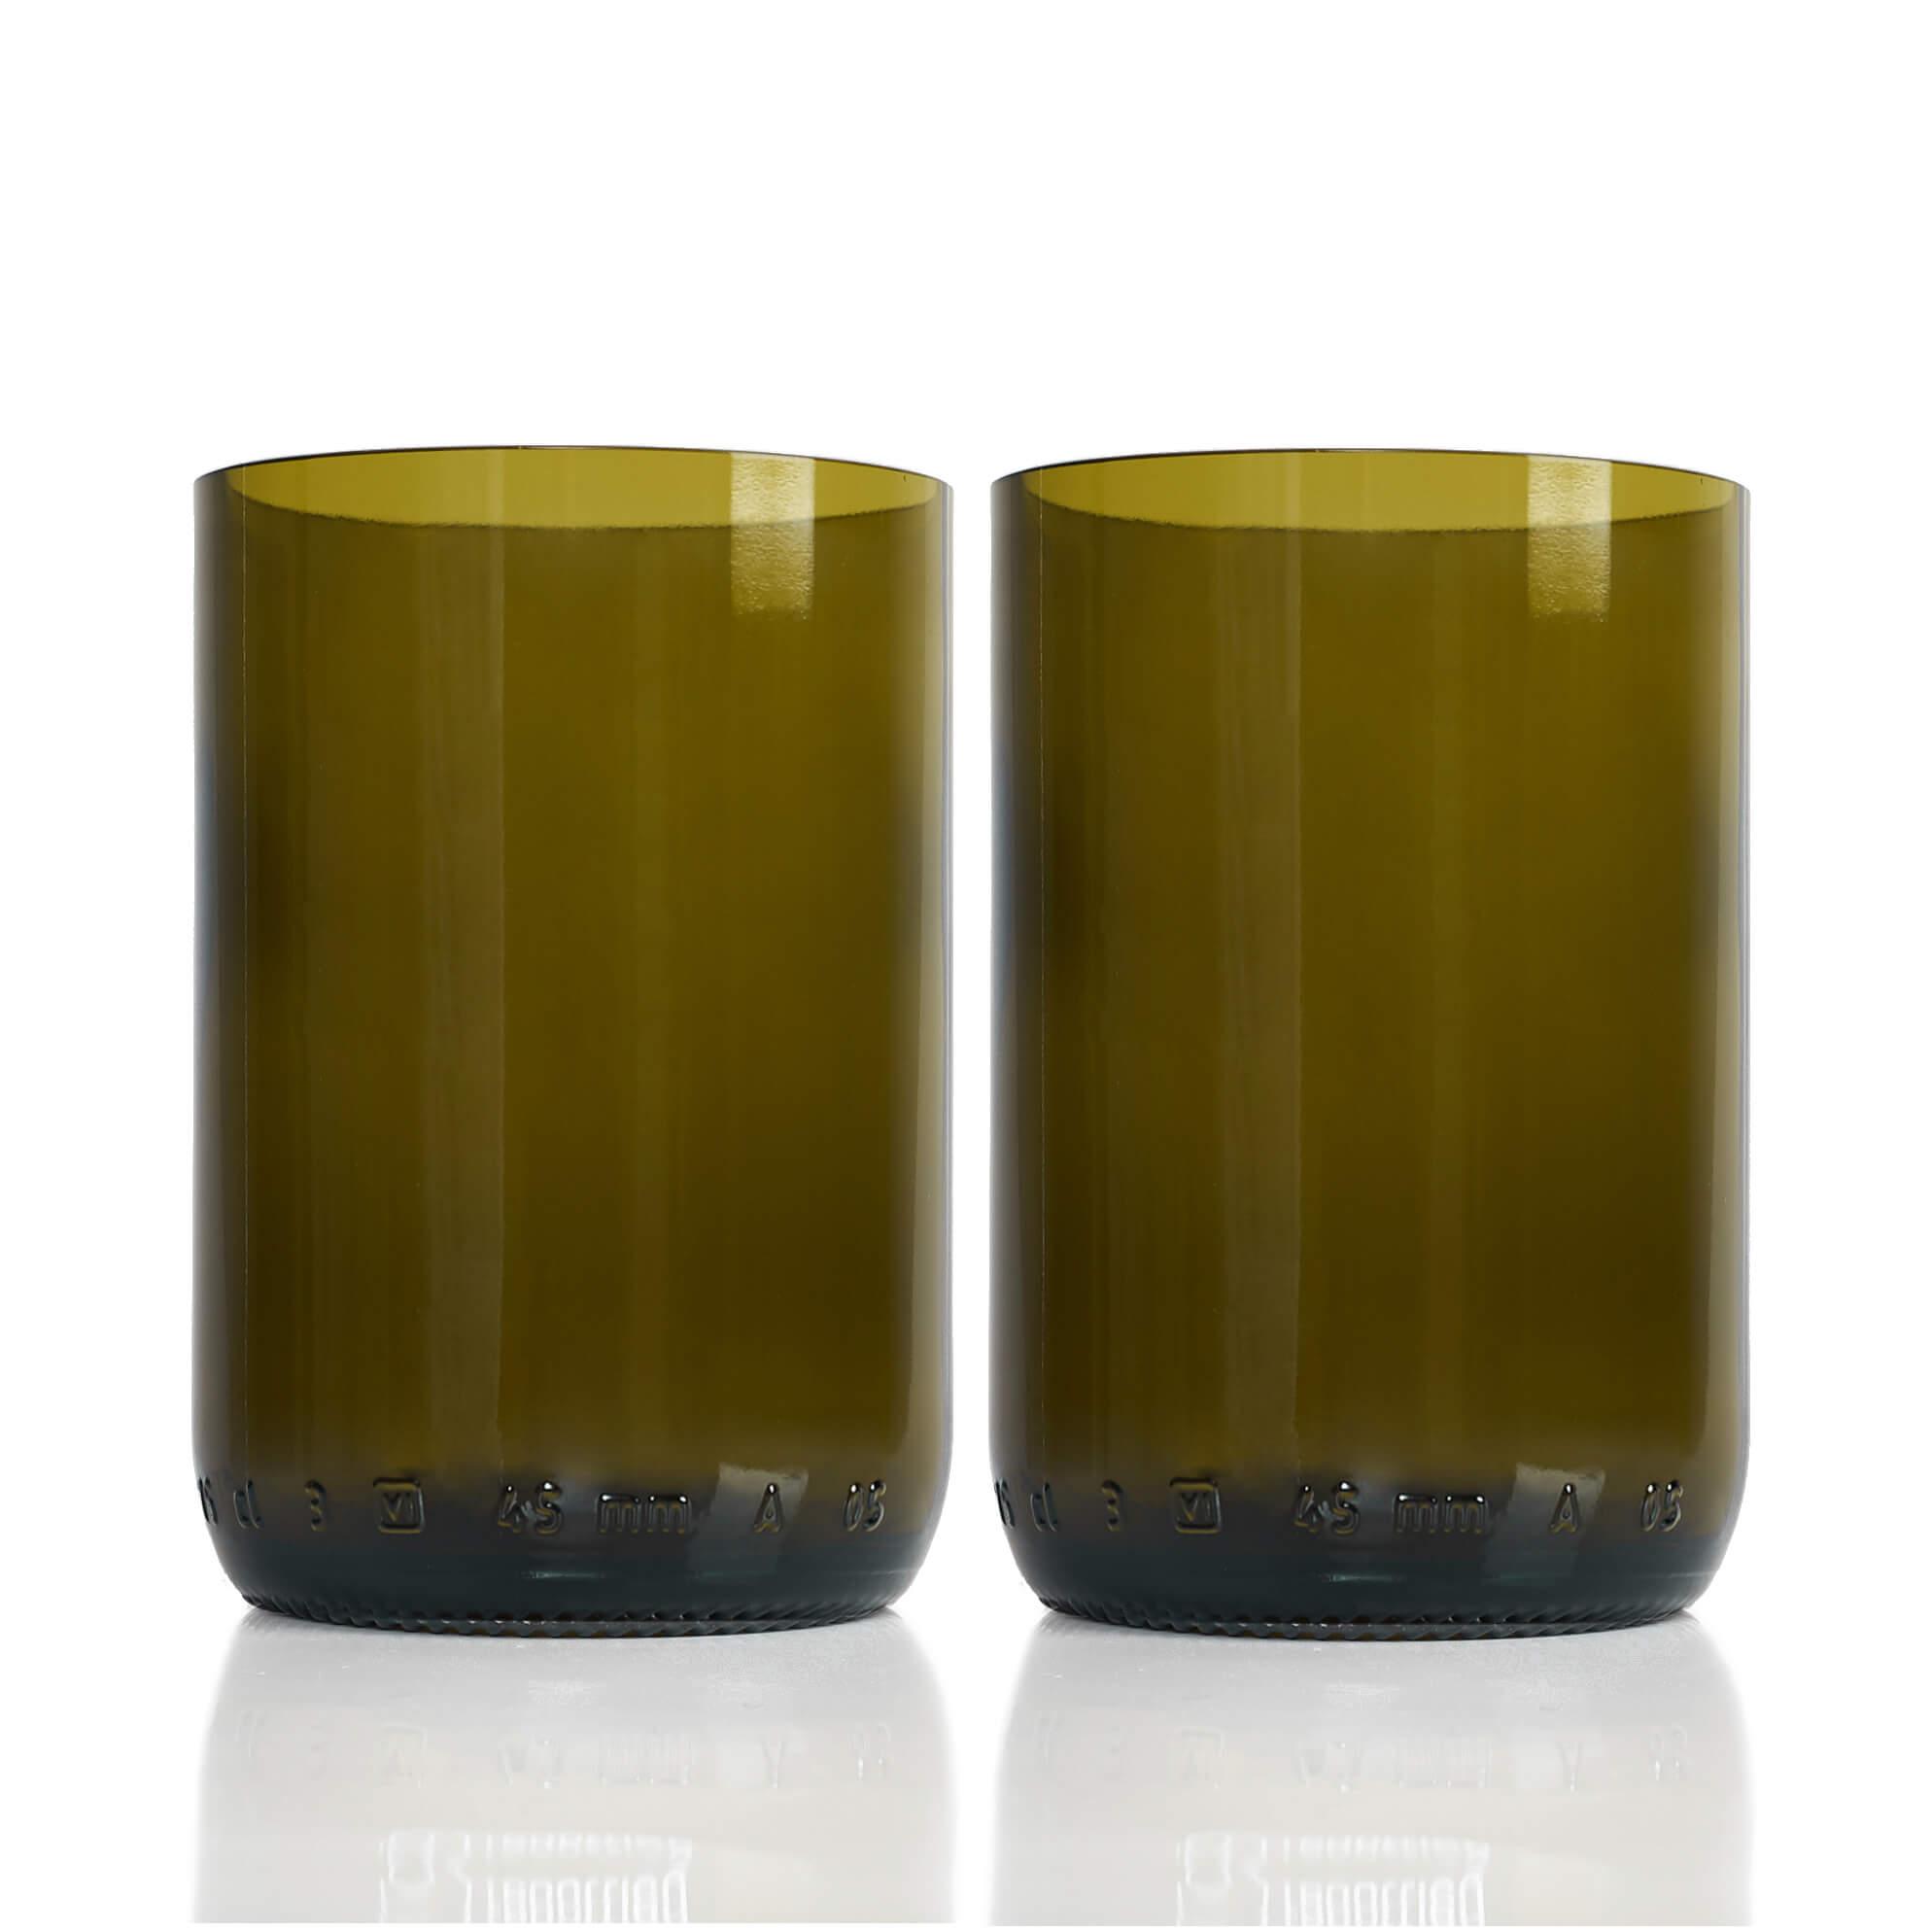 Rebottled Drinkglas 2-Pack Brown